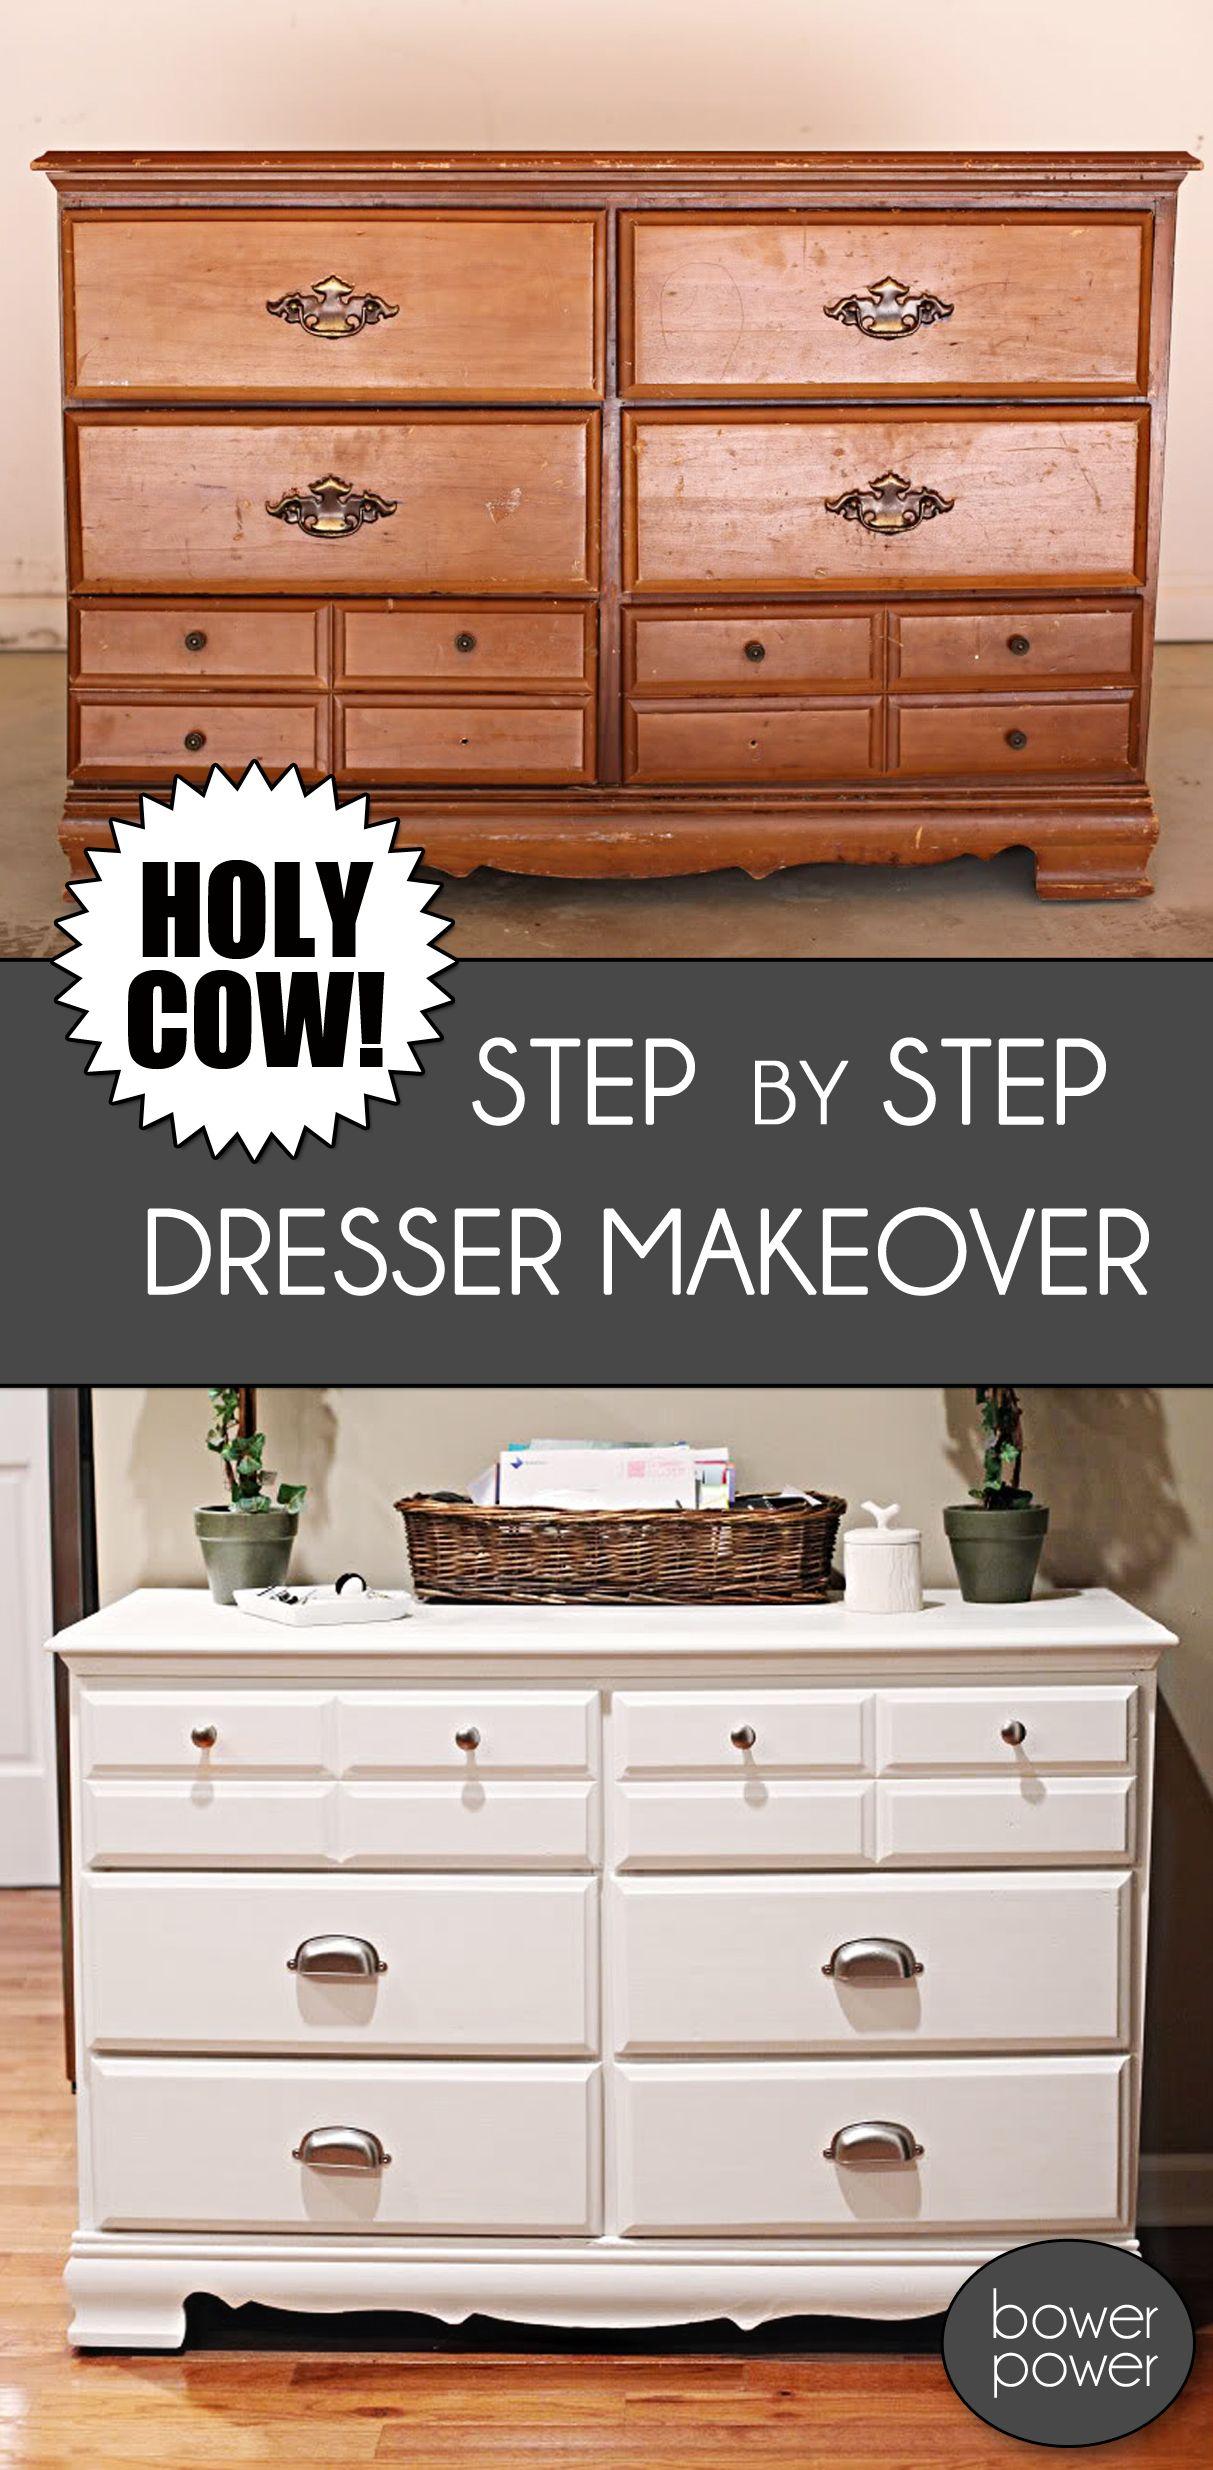 Dressier dresser goodwill finds dresser and foyers